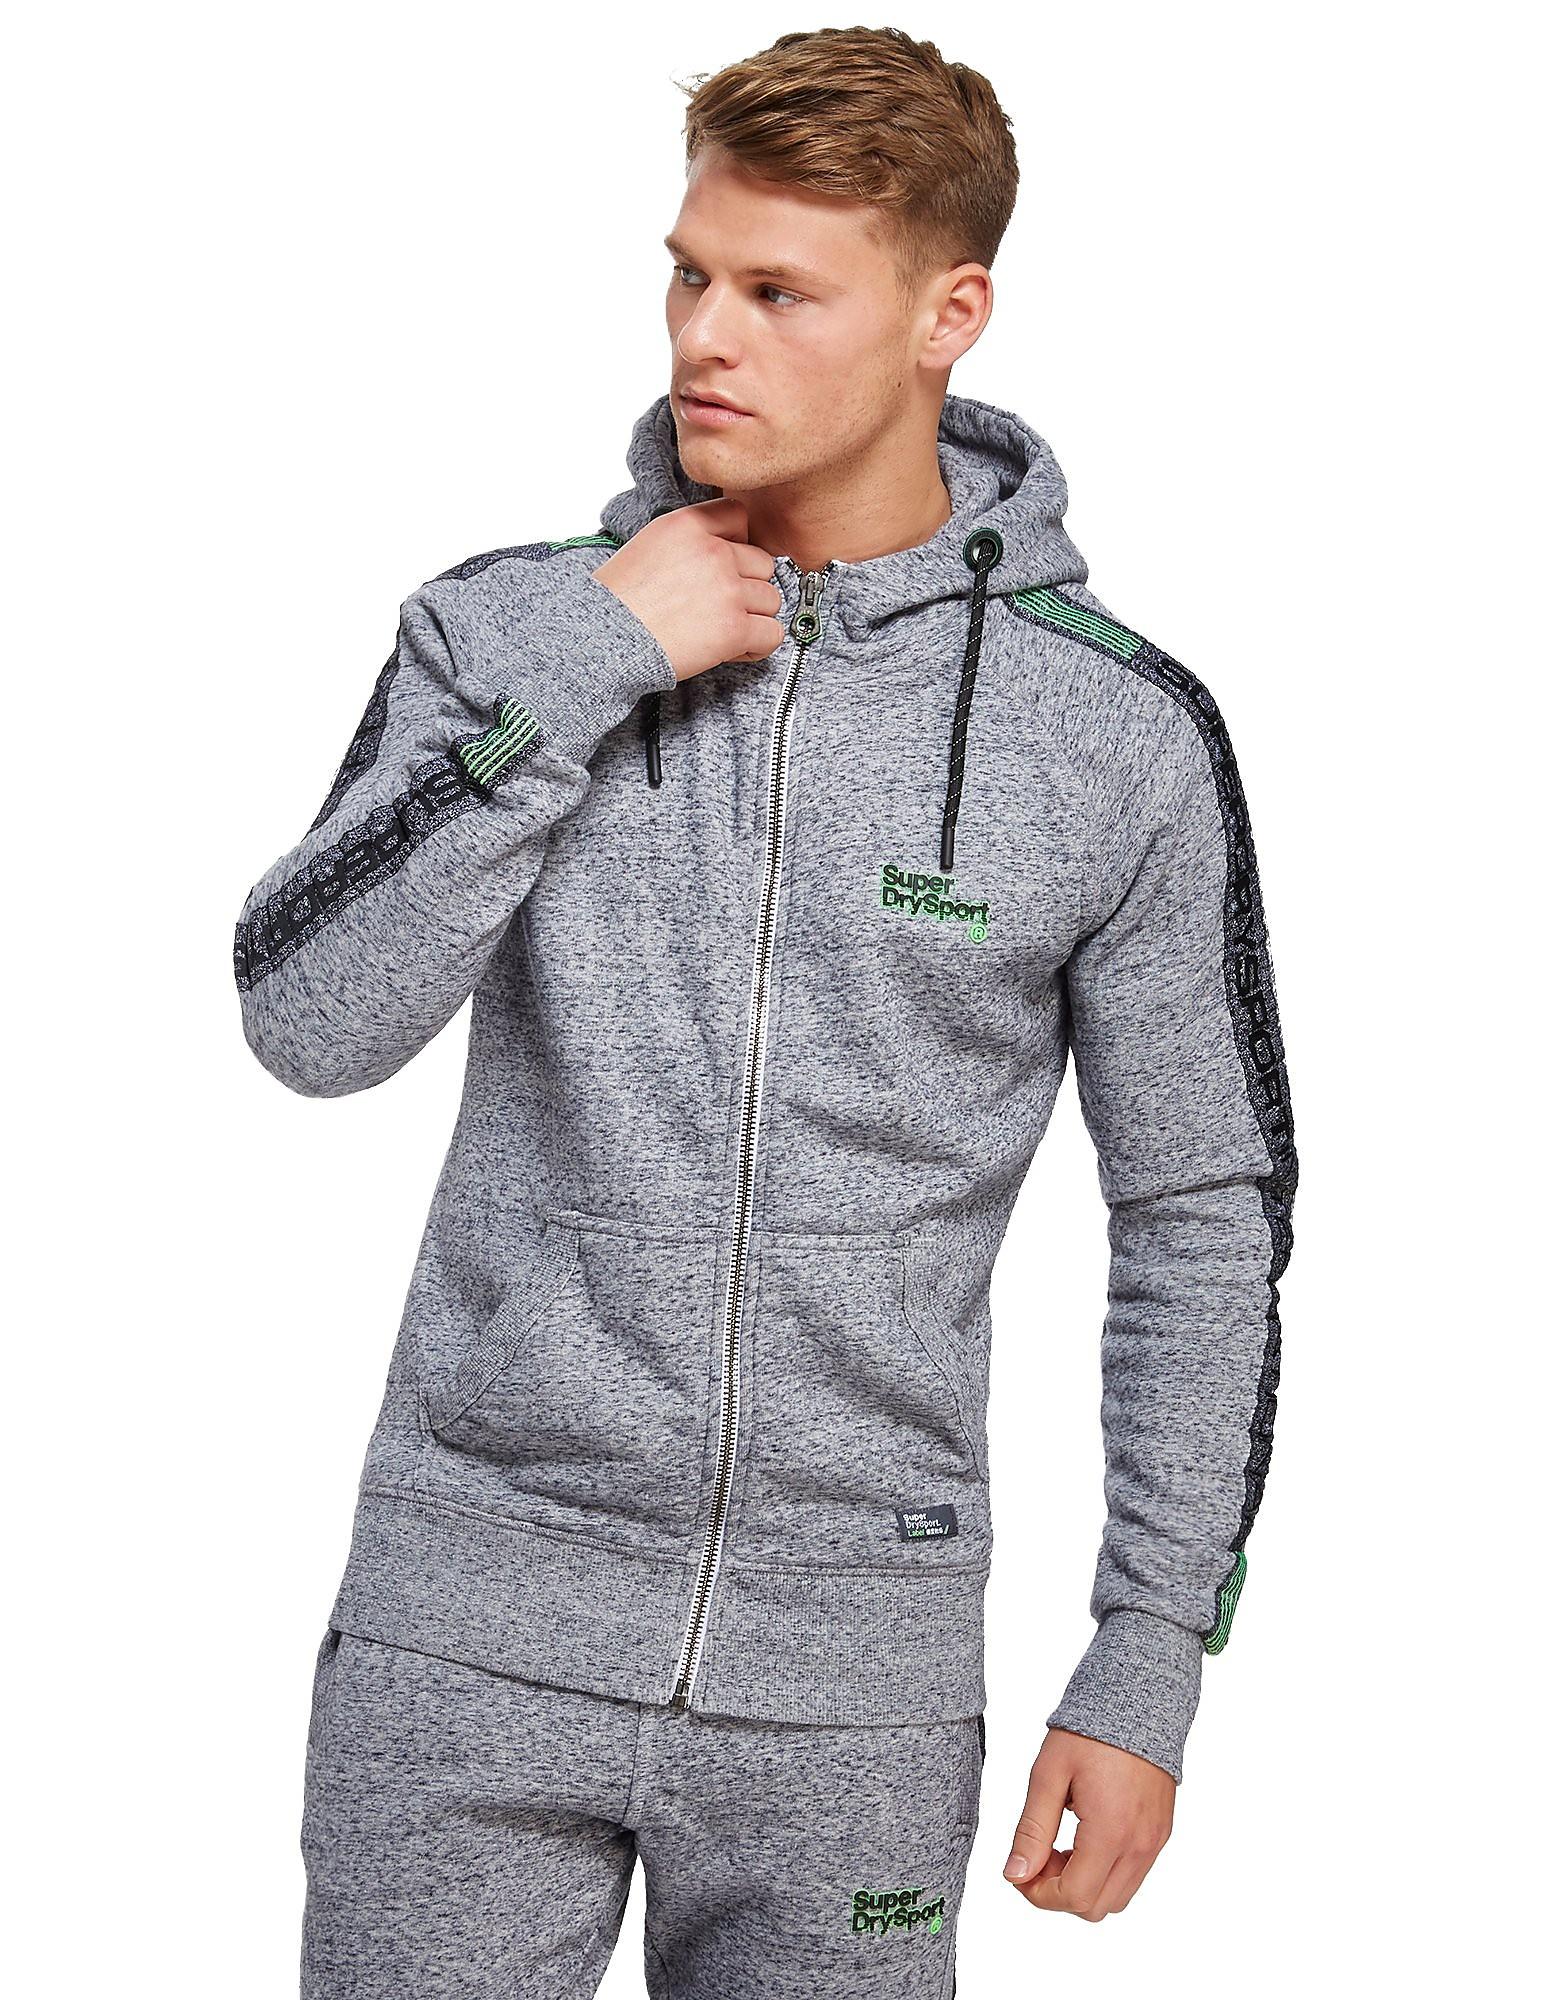 Superdry Sport Core Fleece Hoodie